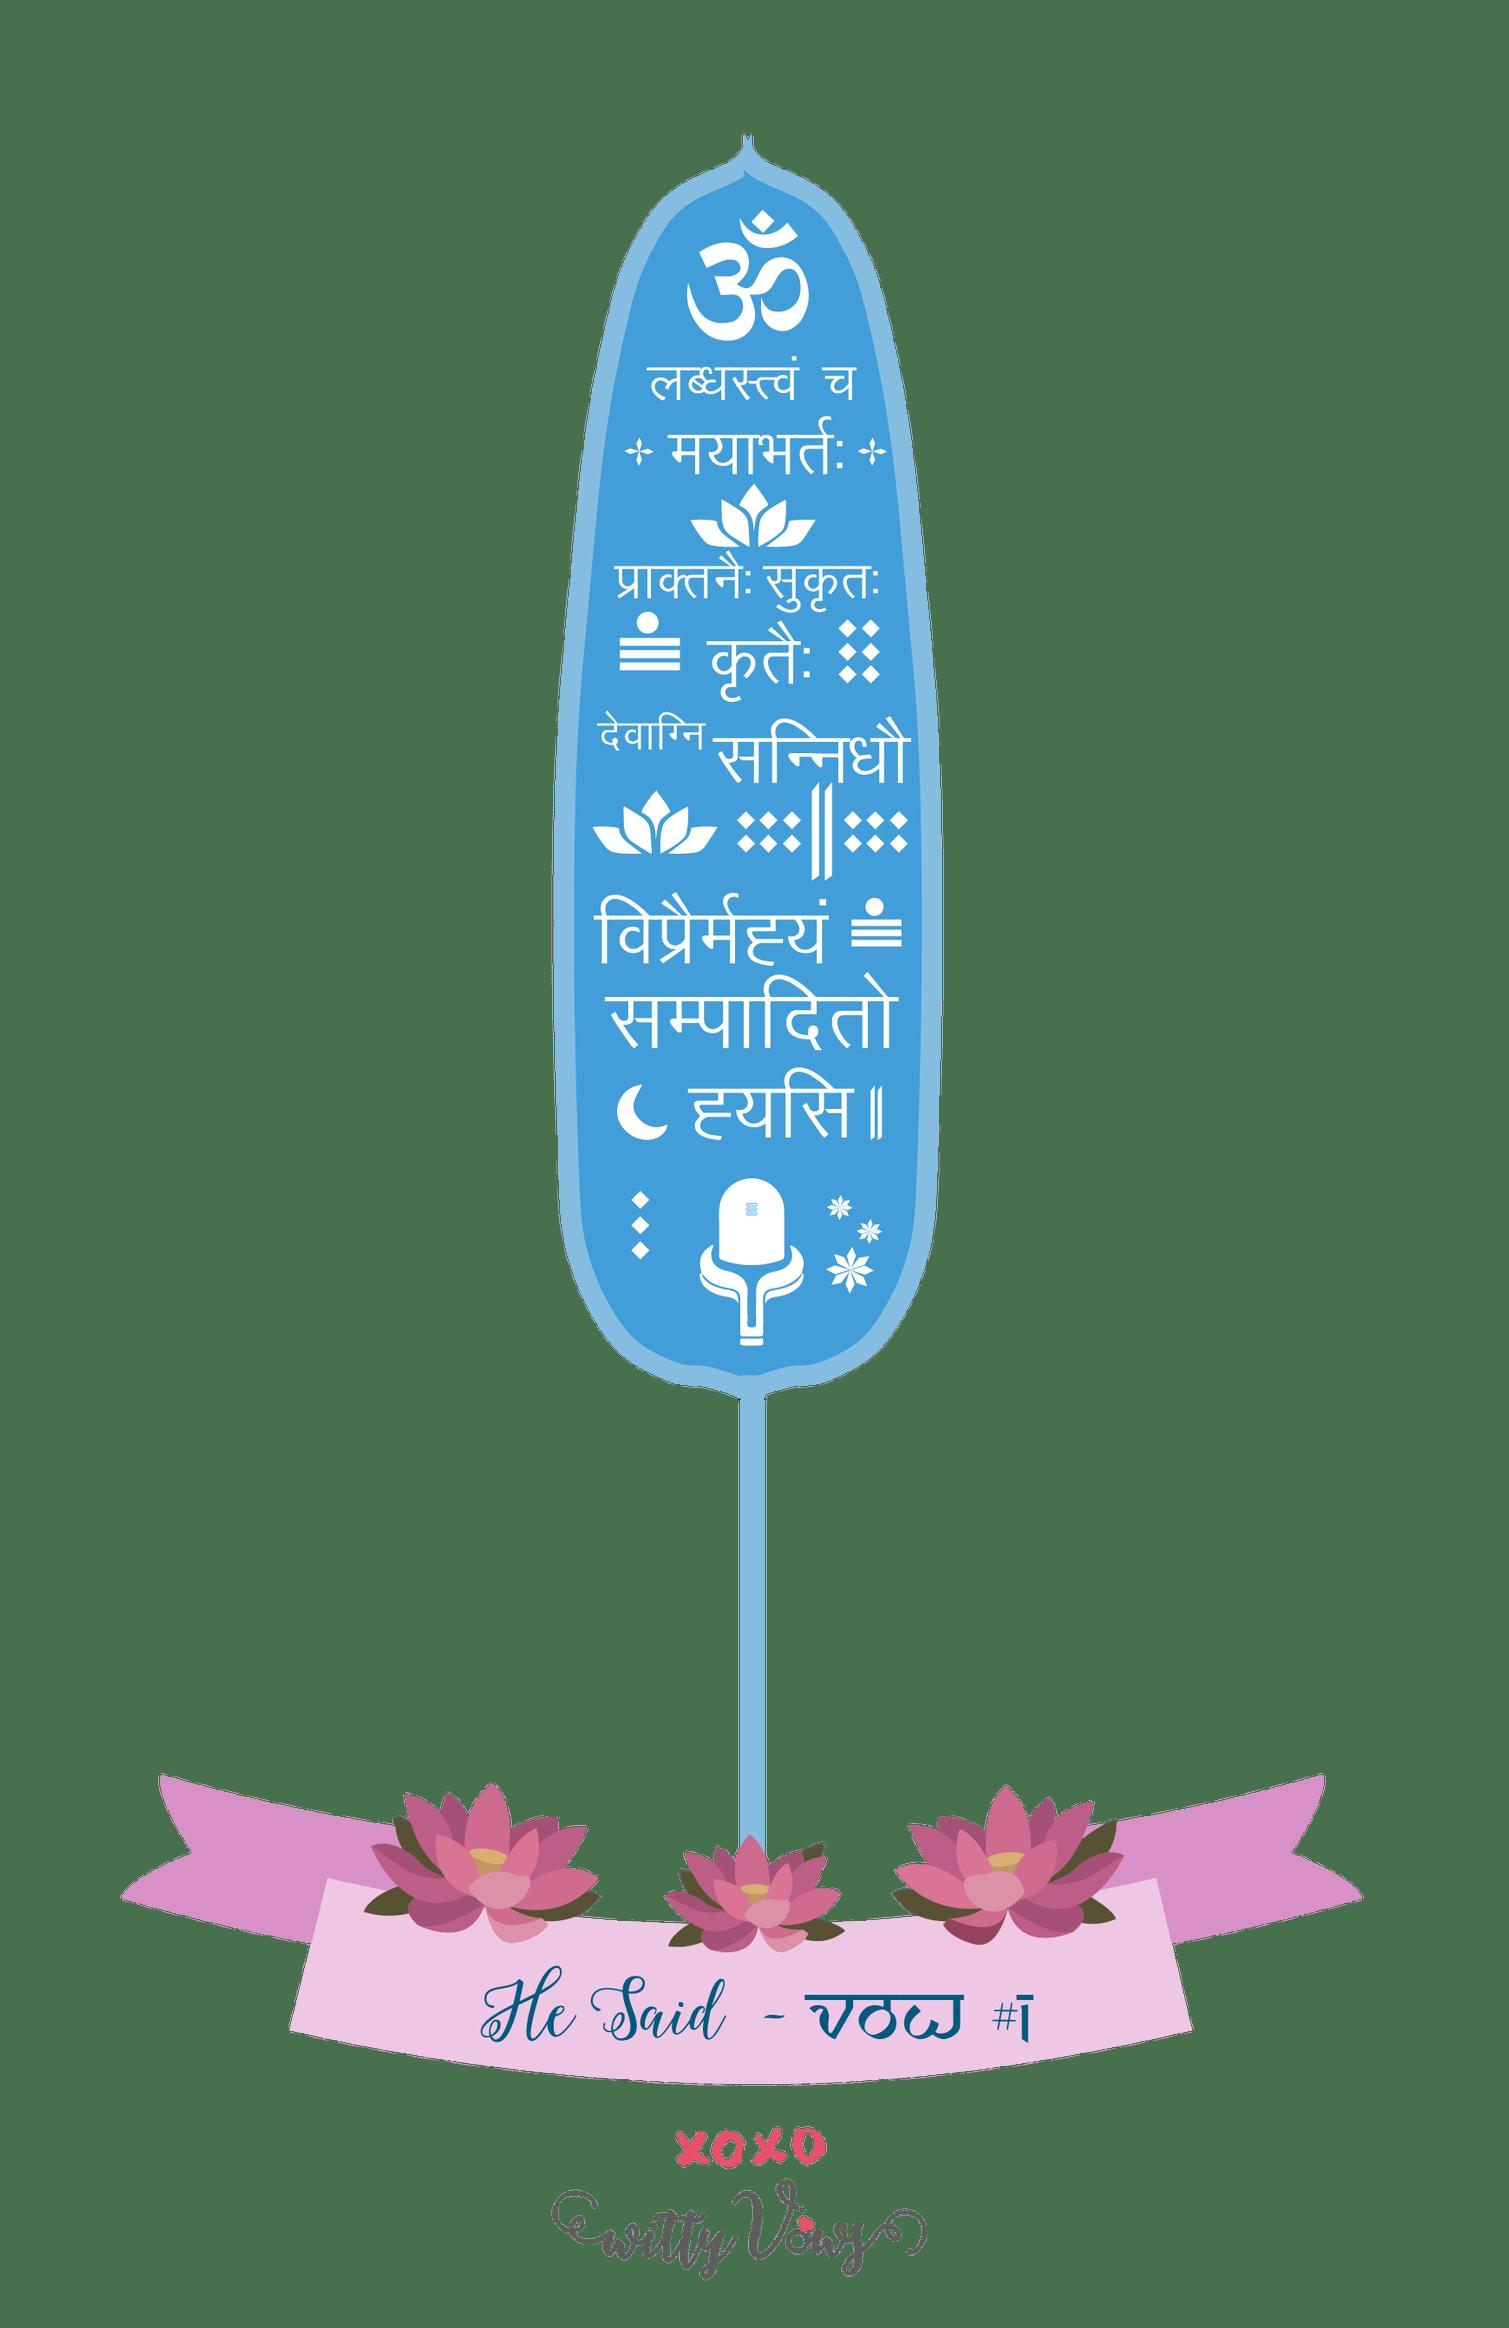 Yagesh bhambhani yageshb on pinterest